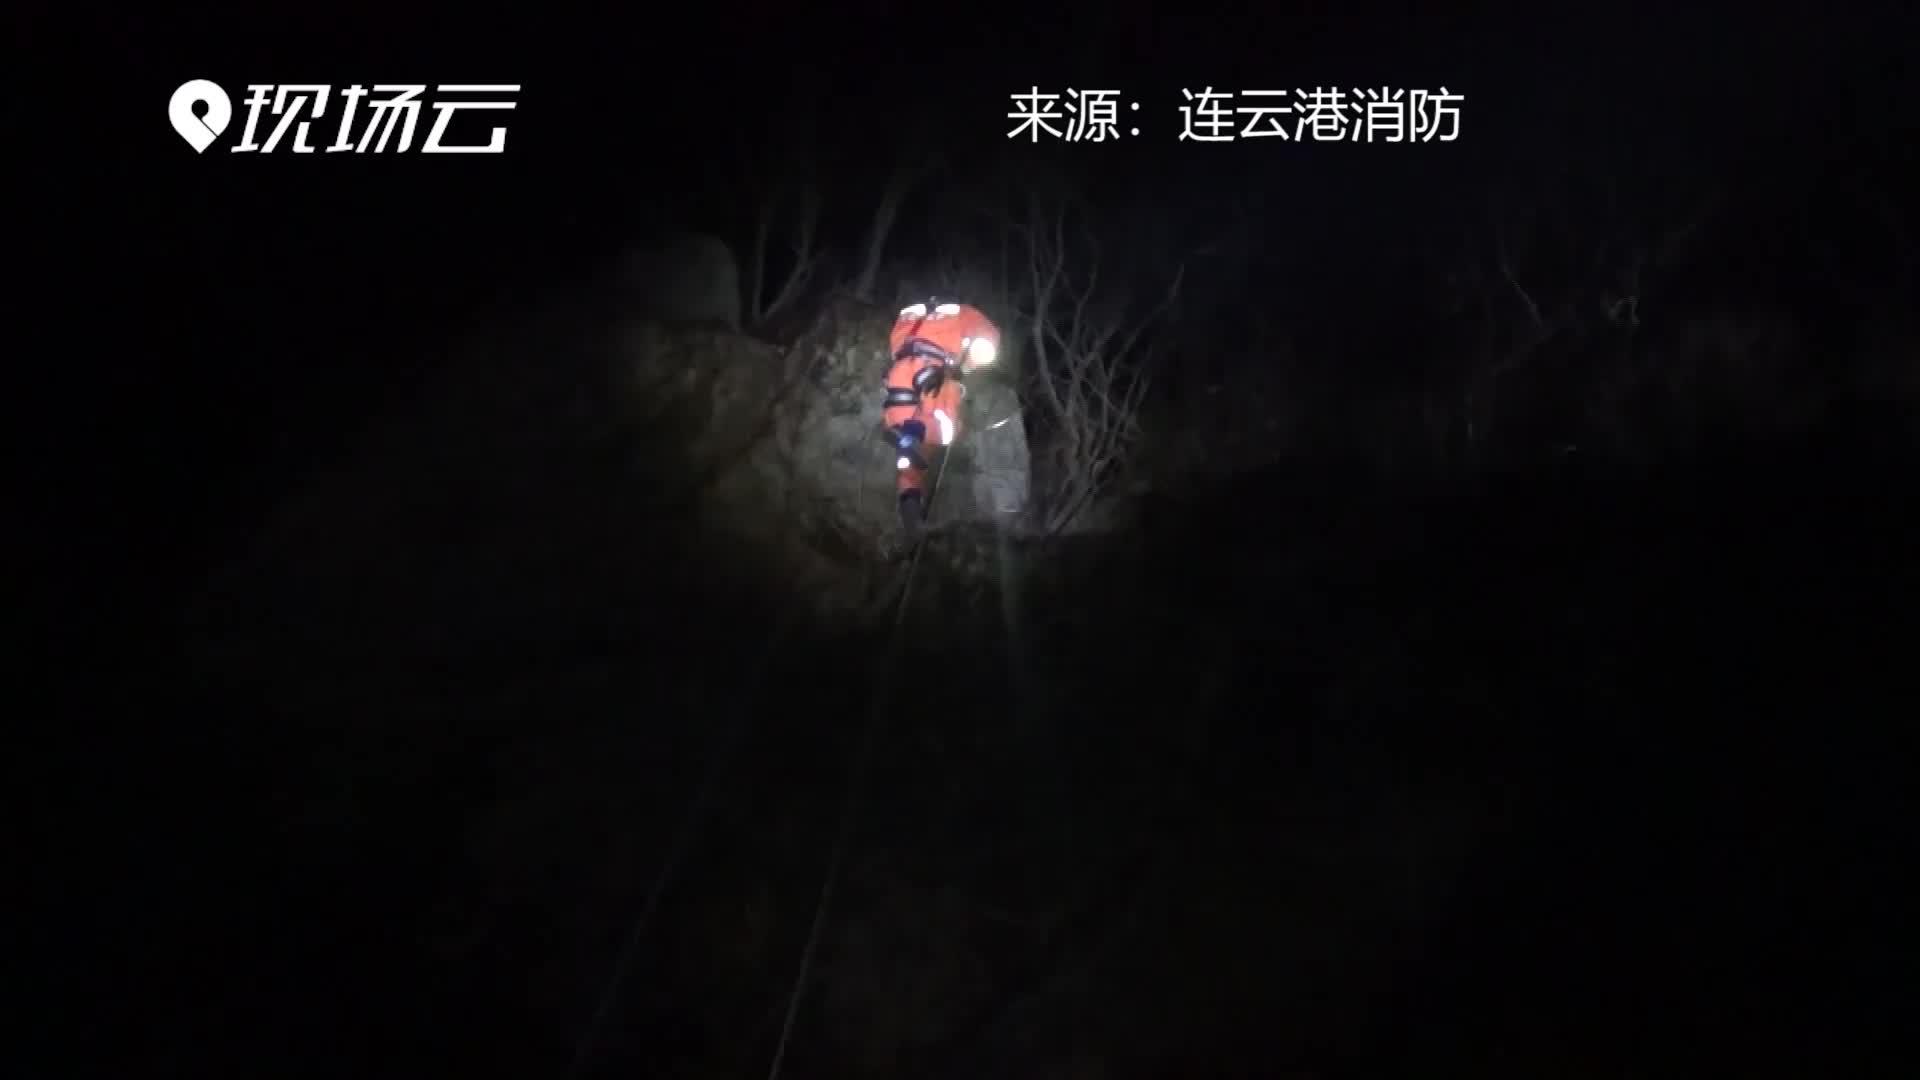 [视频]男子坠落悬崖被困山腰 消防员索降救人